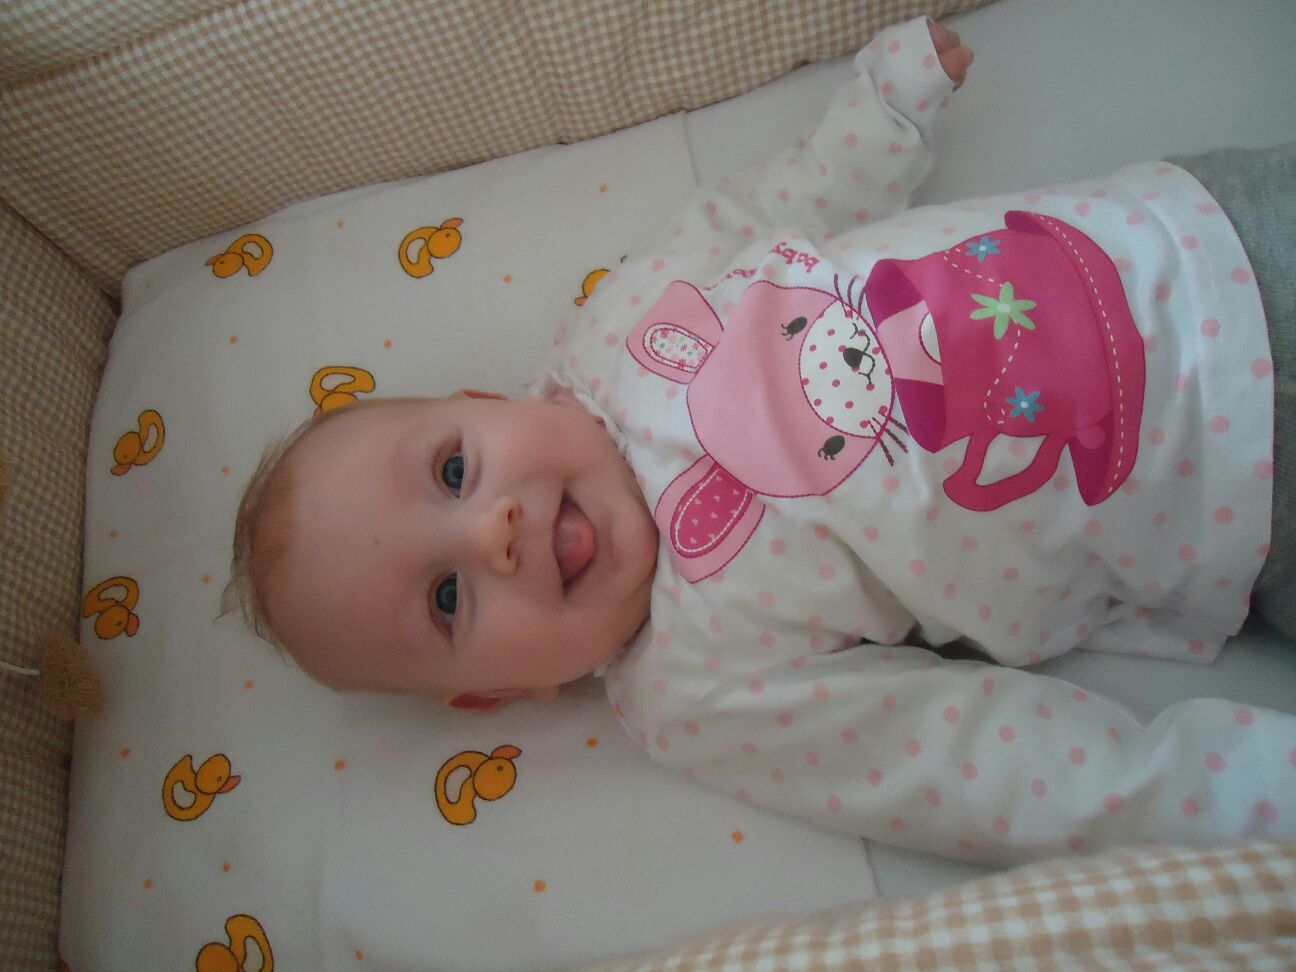 Baby im Bettchen